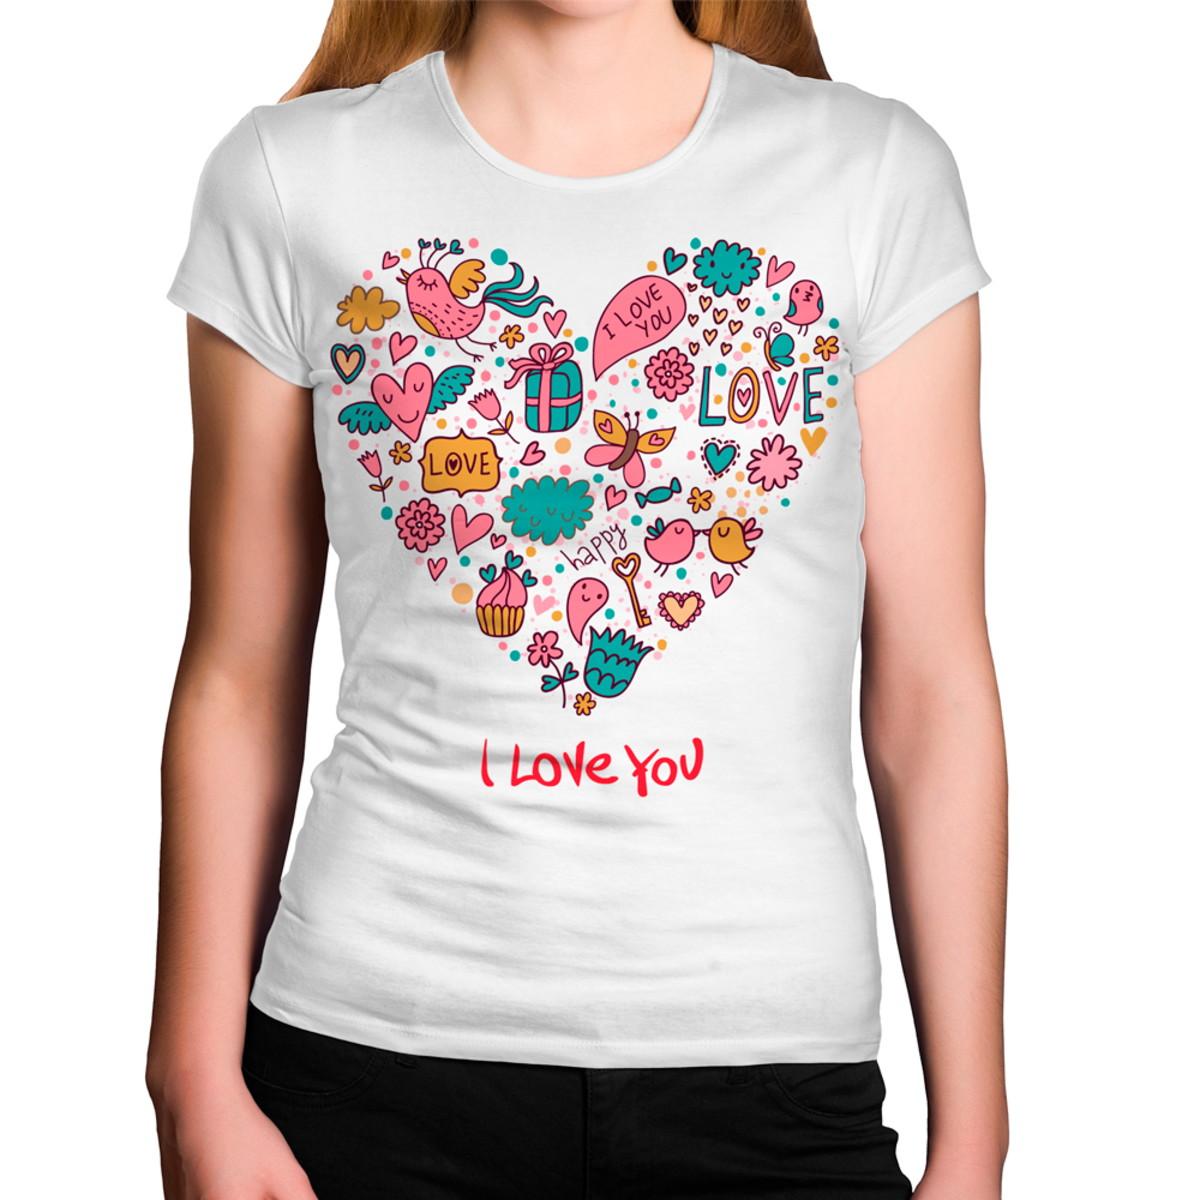 Camiseta Feminina Eu Amo Você no Elo7  b98d94140f495